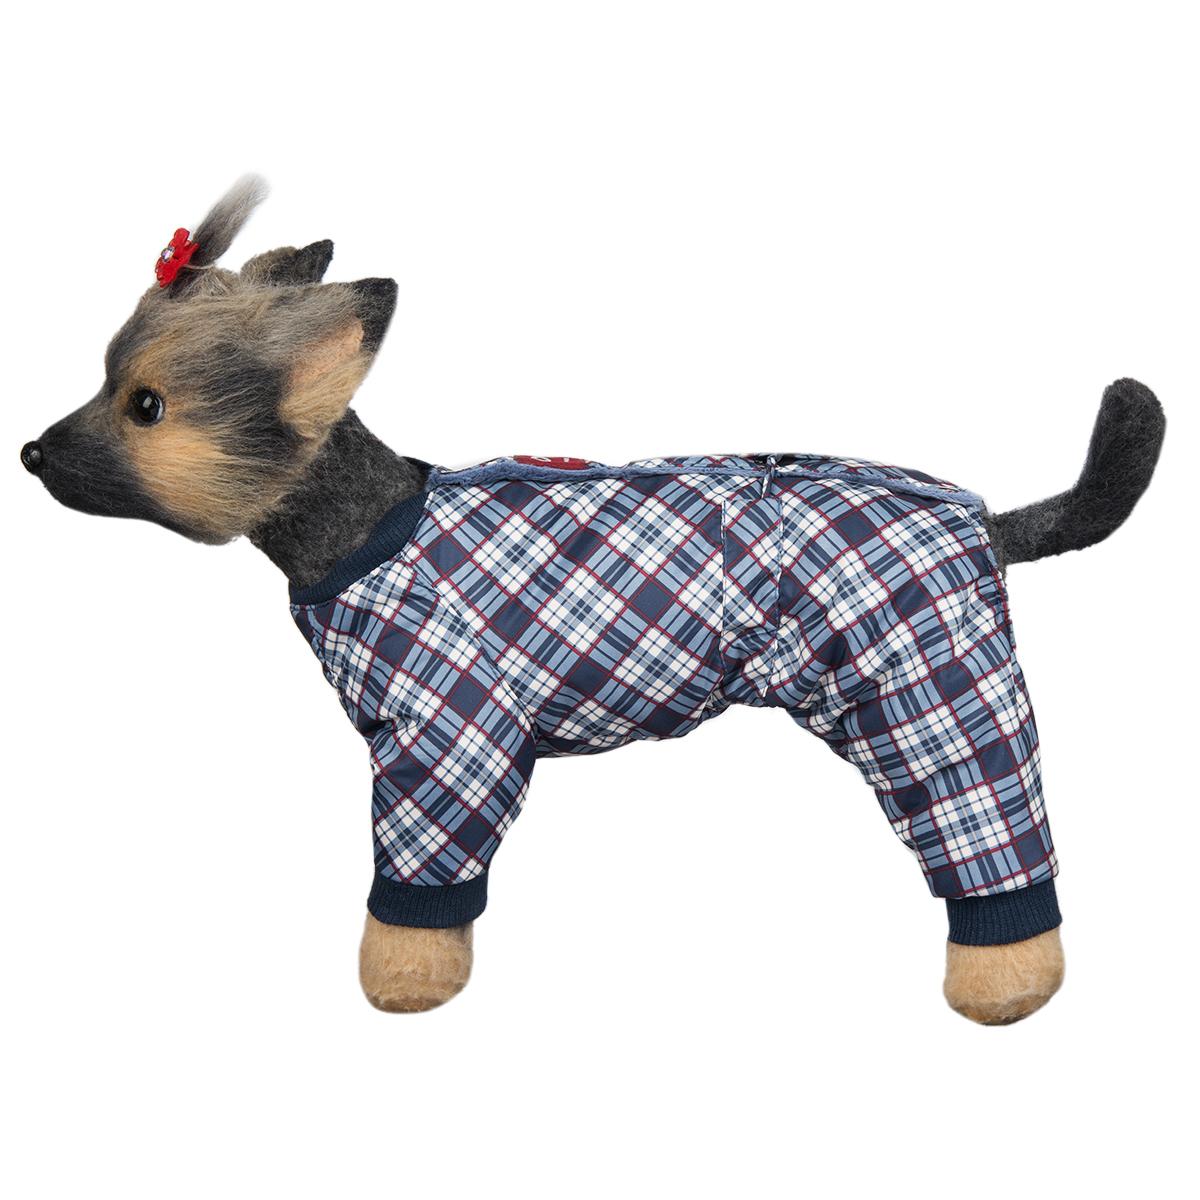 Комбинезон для собак Dogmoda Нью-Йорк, зимний, для мальчика, цвет: белый, темно-синий. Размер 1 (S)DM-160293-1Комбинезон для собак Dogmoda Нью-Йорк, оформленный ярким рисунком, отлично подойдет для прогулок в зимнее время года. Комбинезон изготовлен из водоотталкивающего полиэстера, защищающего от ветра и снега, с утеплителем из синтепона, который сохранит тепло даже в сильные морозы, а в качестве подкладки используется искусственный мех, который обеспечивает отличный воздухообмен. Комбинезон застегивается на кнопки на спинке, благодаря чему его легко надевать и снимать. Ворот, низ рукавов и брючин оснащены широкими трикотажными манжетами, которые мягко обхватывают шею и лапки, не позволяя просачиваться холодному воздуху. На пояснице комбинезон затягивается на шнурок-кулиску. Благодаря такому комбинезону простуда не грозит вашему питомцу, и он сможет испытать не сравнимое удовольствие от снежных игр и забав.